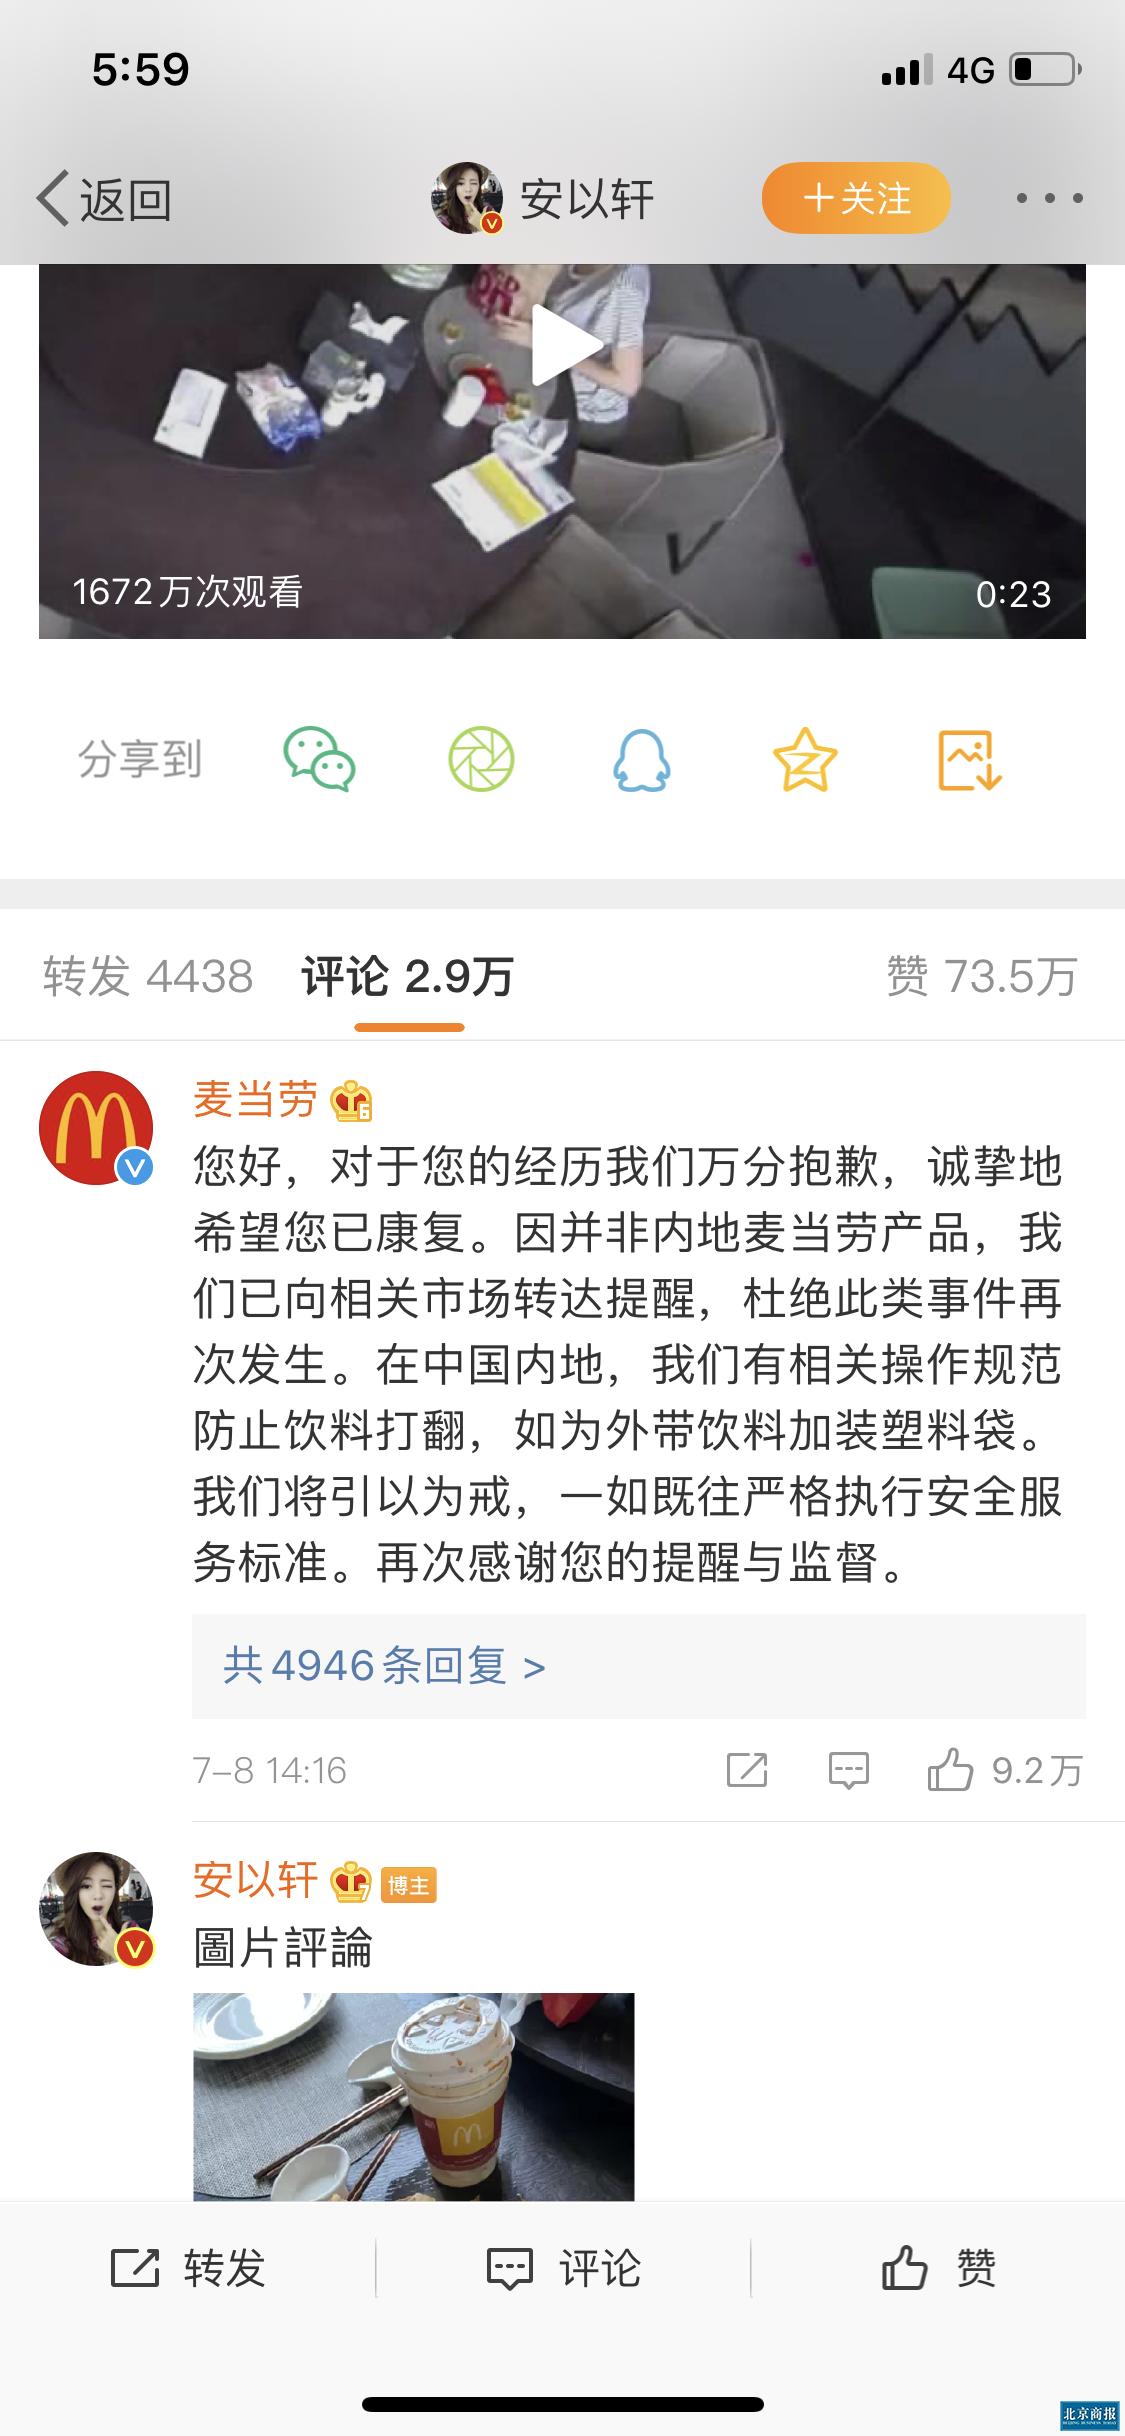 安以轩点麦当劳外卖被烫伤 麦当劳中国回应:杜绝此类事件再次发生